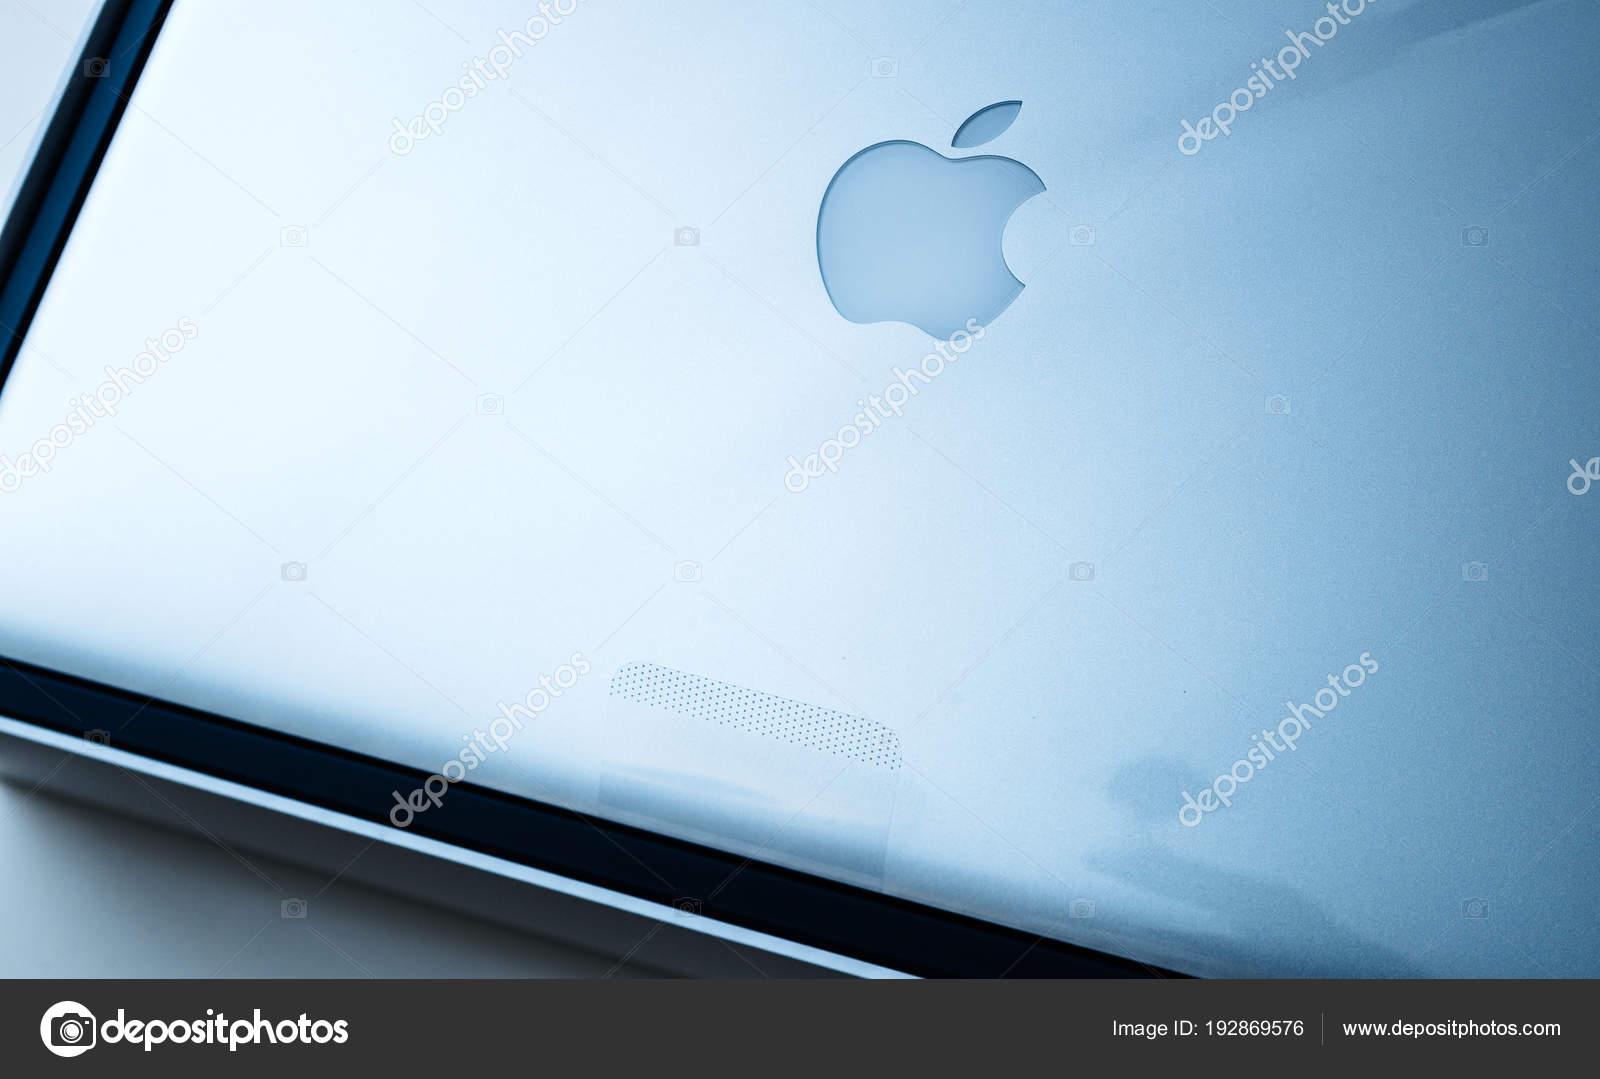 telecharger des films sur macbook